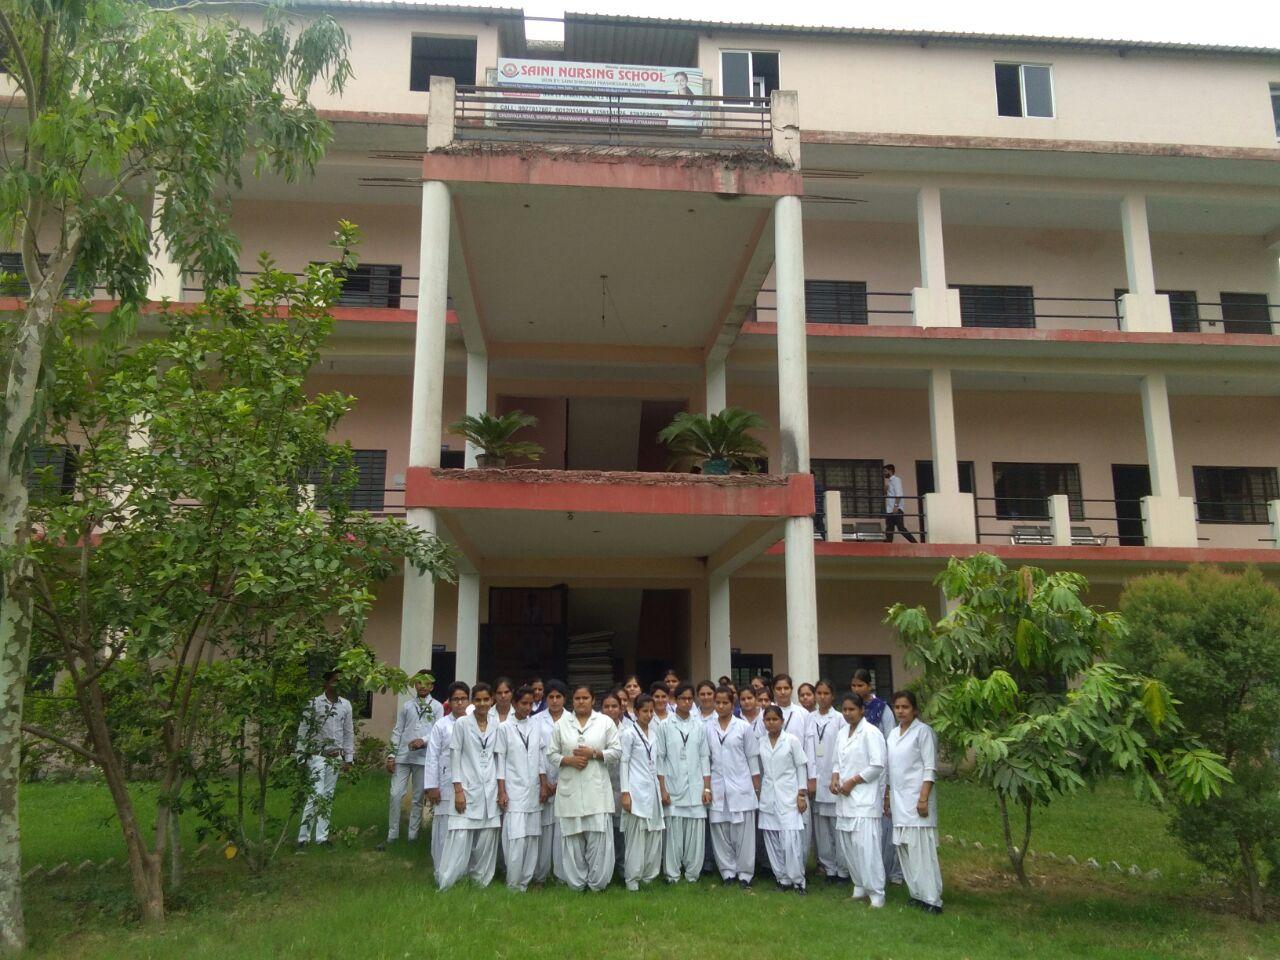 Saini Nursing School Image